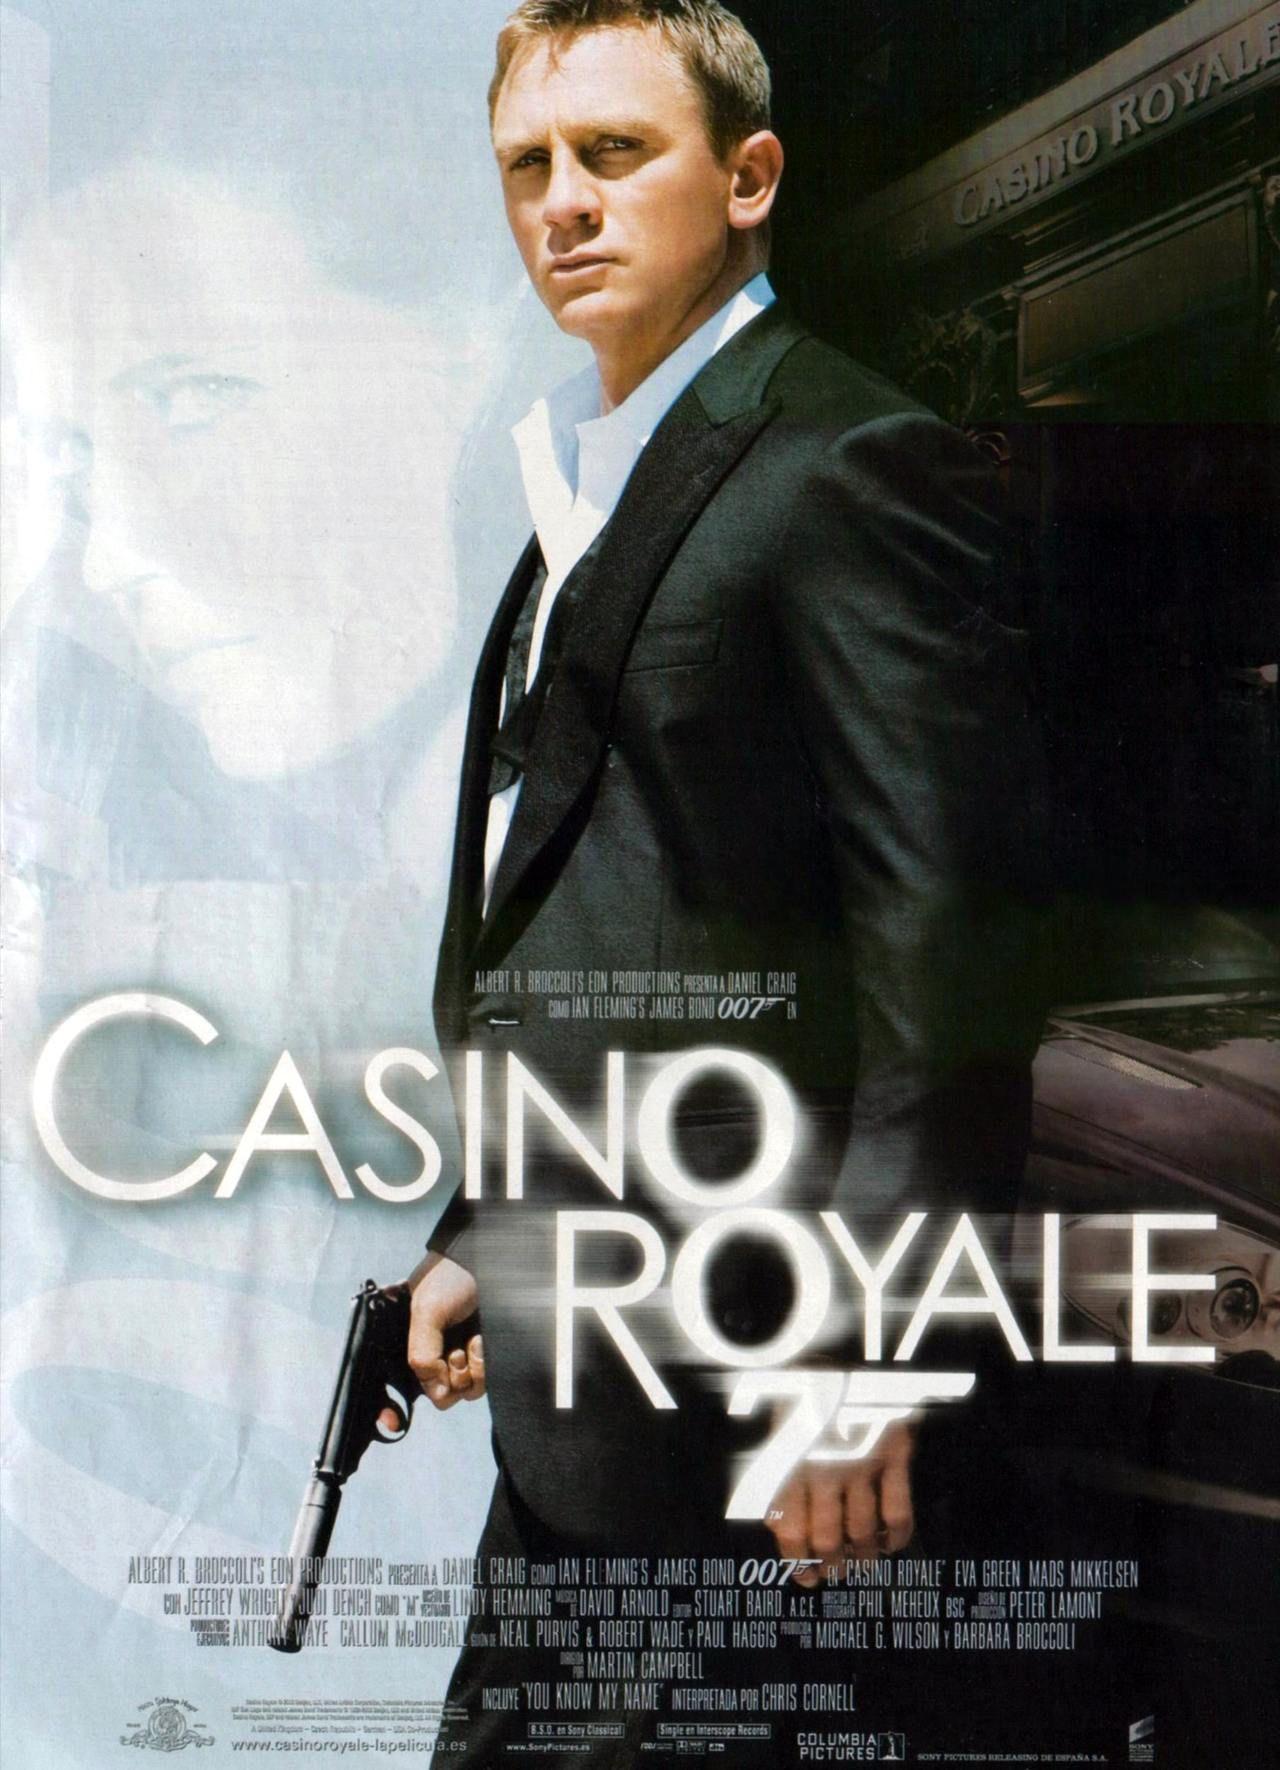 Casino royale hd online best casino poker